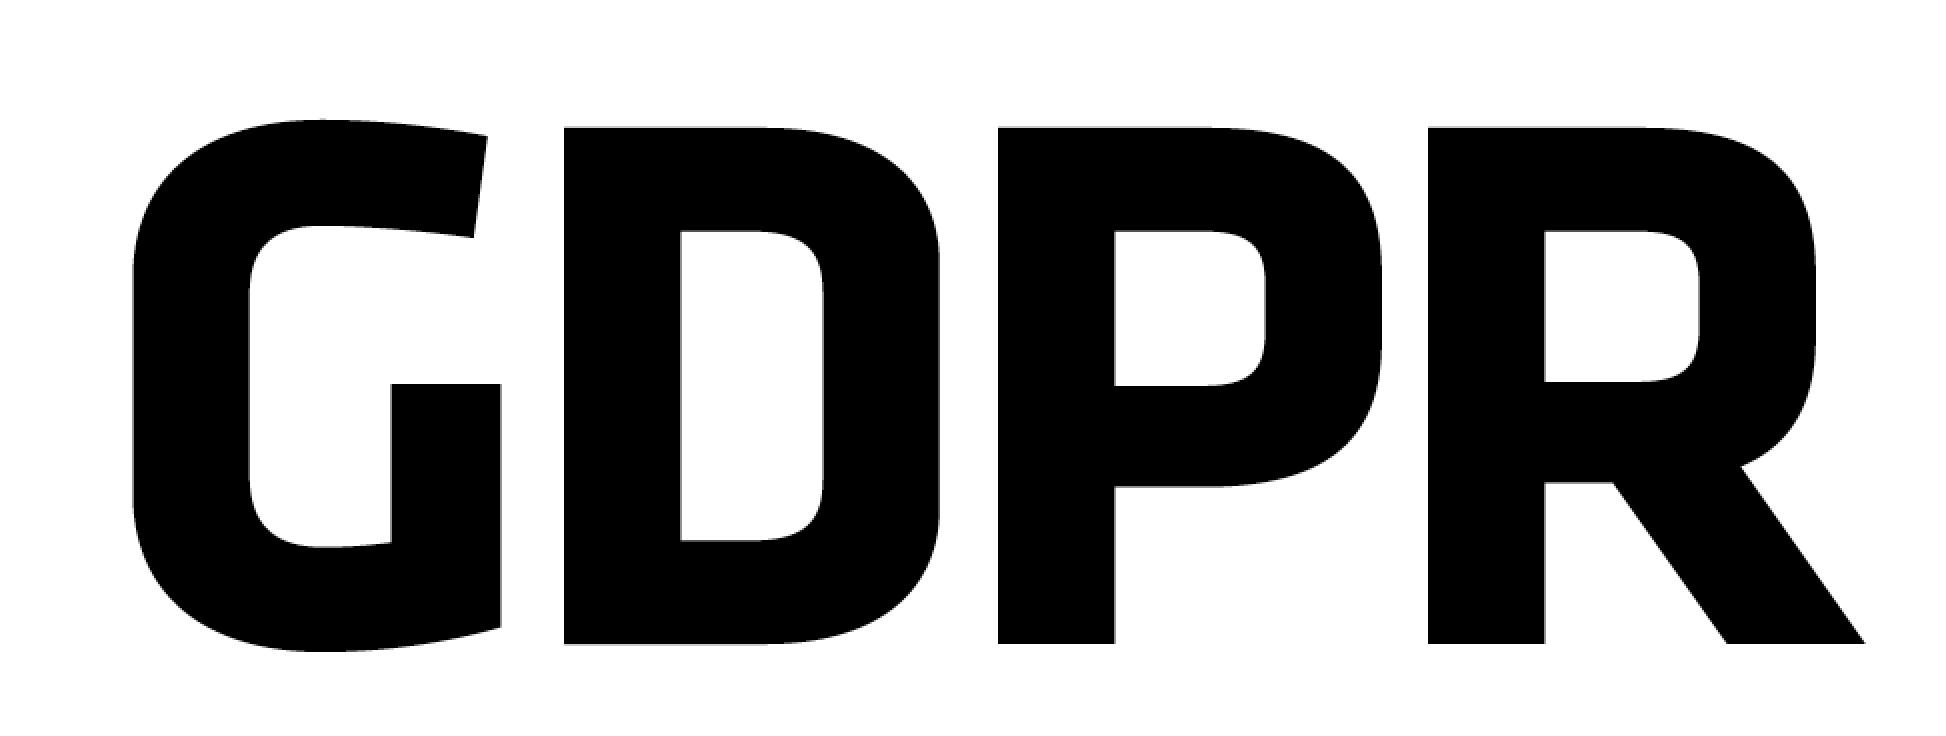 Hur påverkas du som fotograf av den nya lagen GDPR? (1)